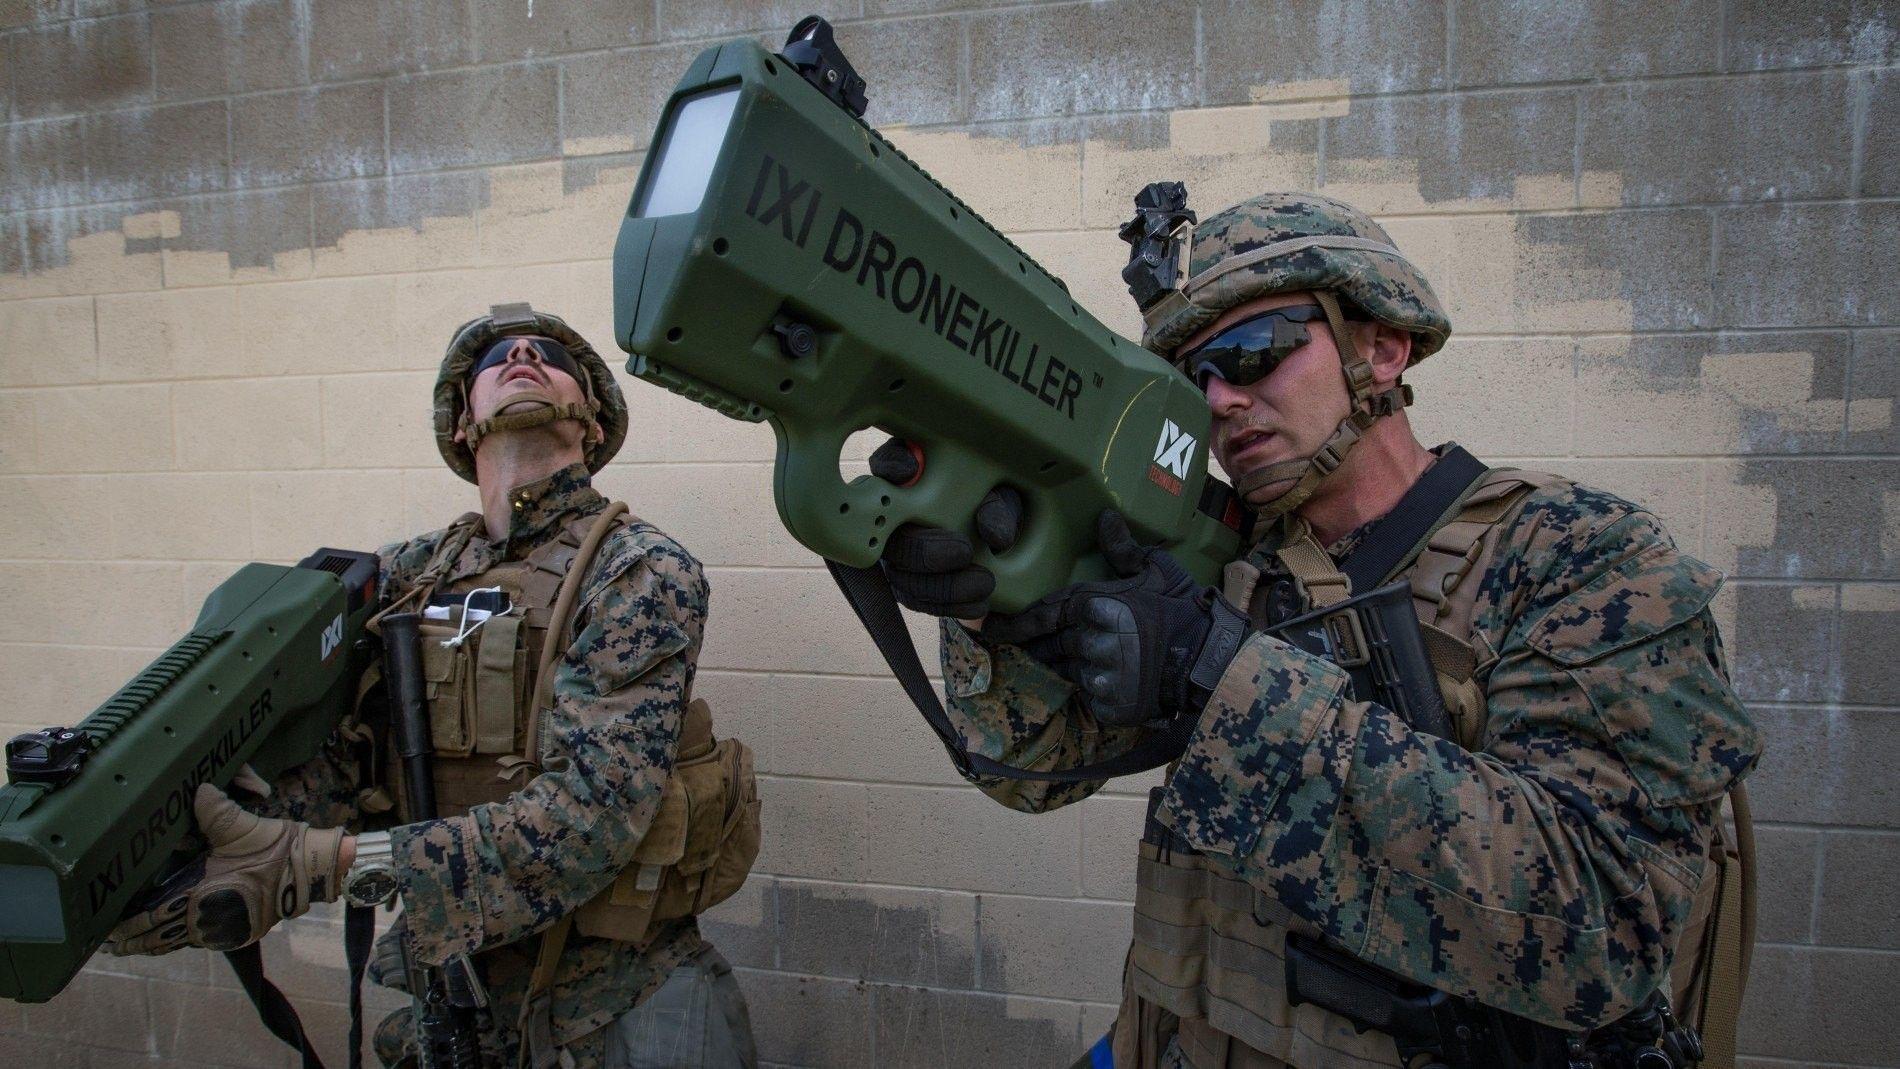 Der Gefreite Briar Purty des U.S. Marine Corps testet 2018 einen IXI Drone Killer während einer Wehrübung im Marine Corps Base Camp in Pendleton, Kalifornien. Das Gerät sendet Störsignale aus und soll Luftangriffe mit Drohnen abwehren. Das Risiko durch Drohnen nimmt durch ihre steigende Präsenz im urbanen Luftraum immer weiter zu.